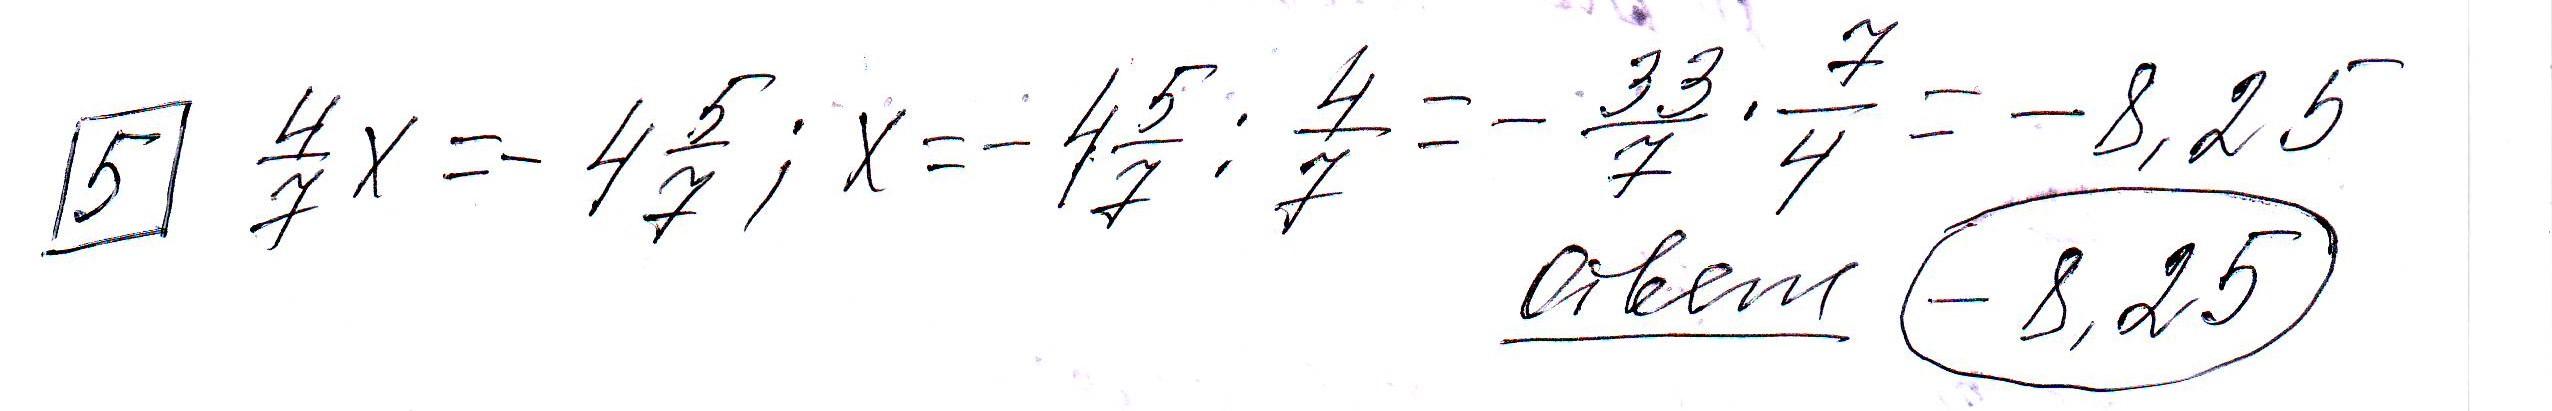 Задние 5, Вариант 1, решение и ответ - Ященко ЕГЭ 2019 математика профиль 36 вариантов